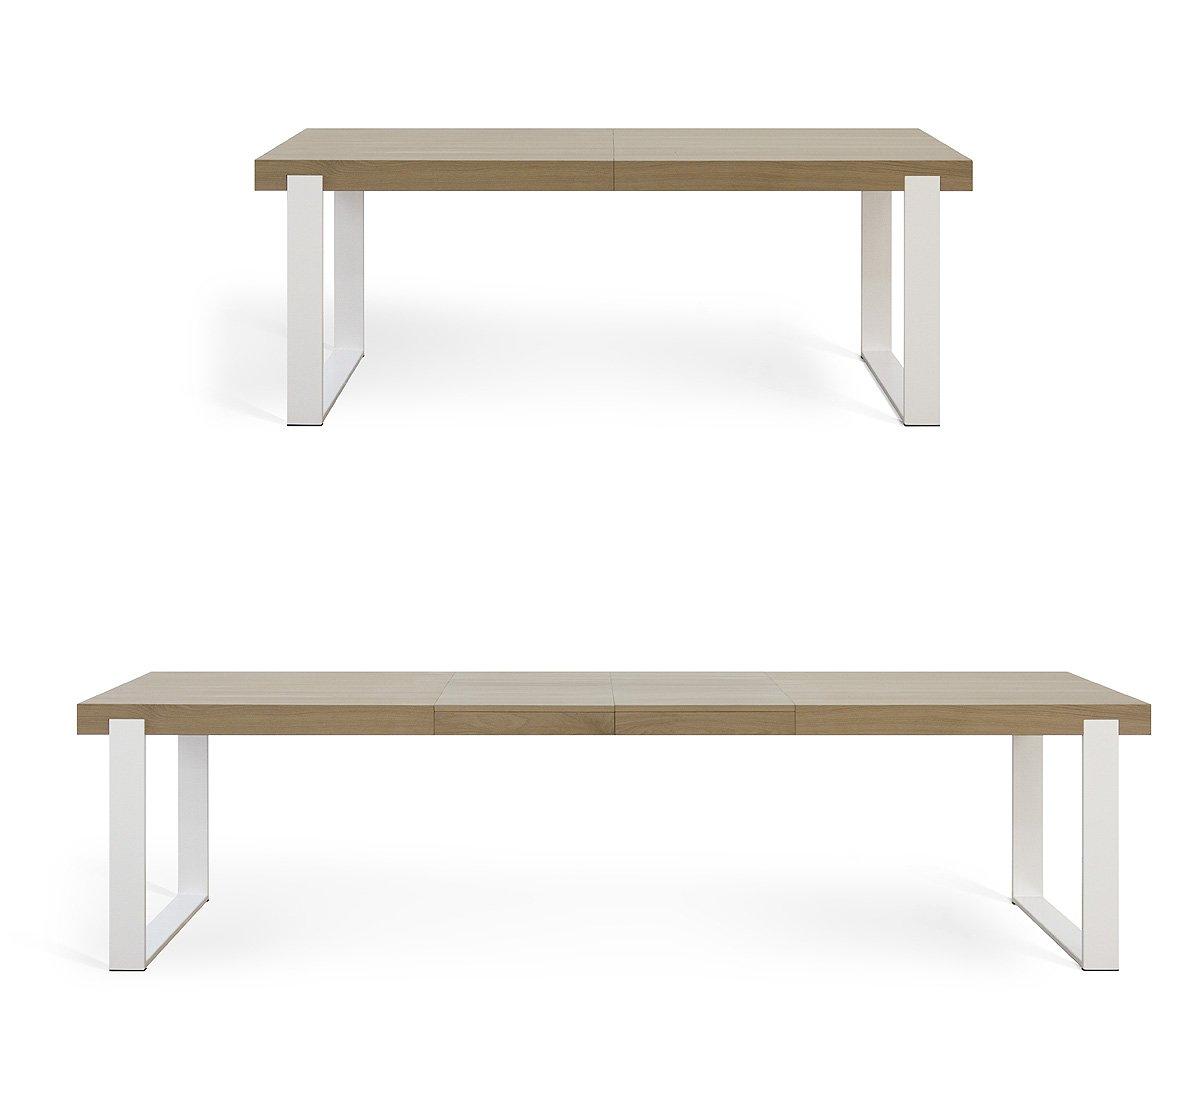 Miloni Esstisch FRAME, 180-280x90x76 cm Eichen / Massivholz ausziehbar, Tischbeine alu / weiß, holzfarbe natur